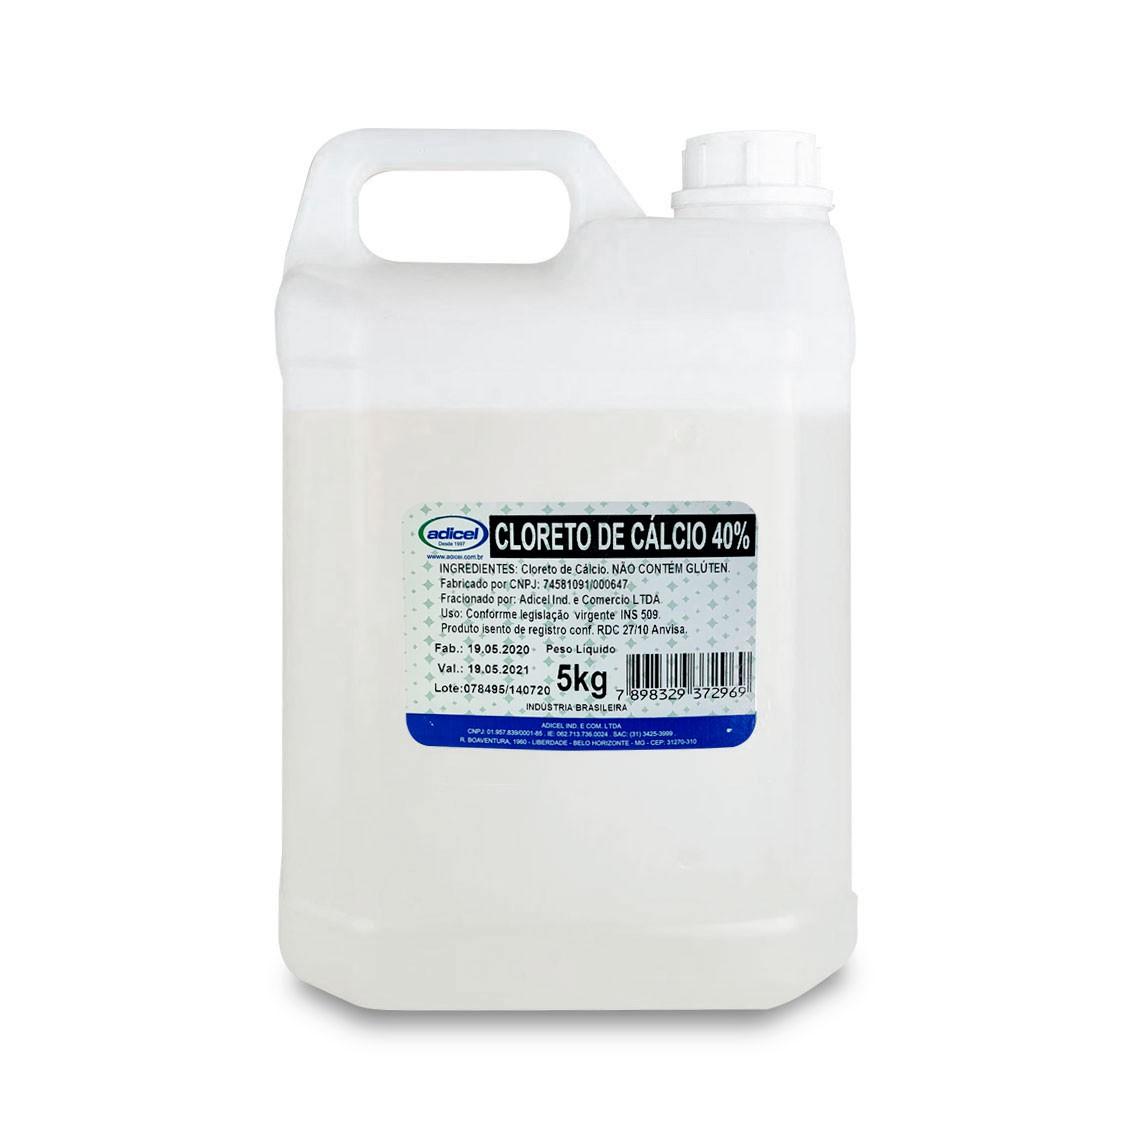 Cloreto De Cálcio 40% - 5kg